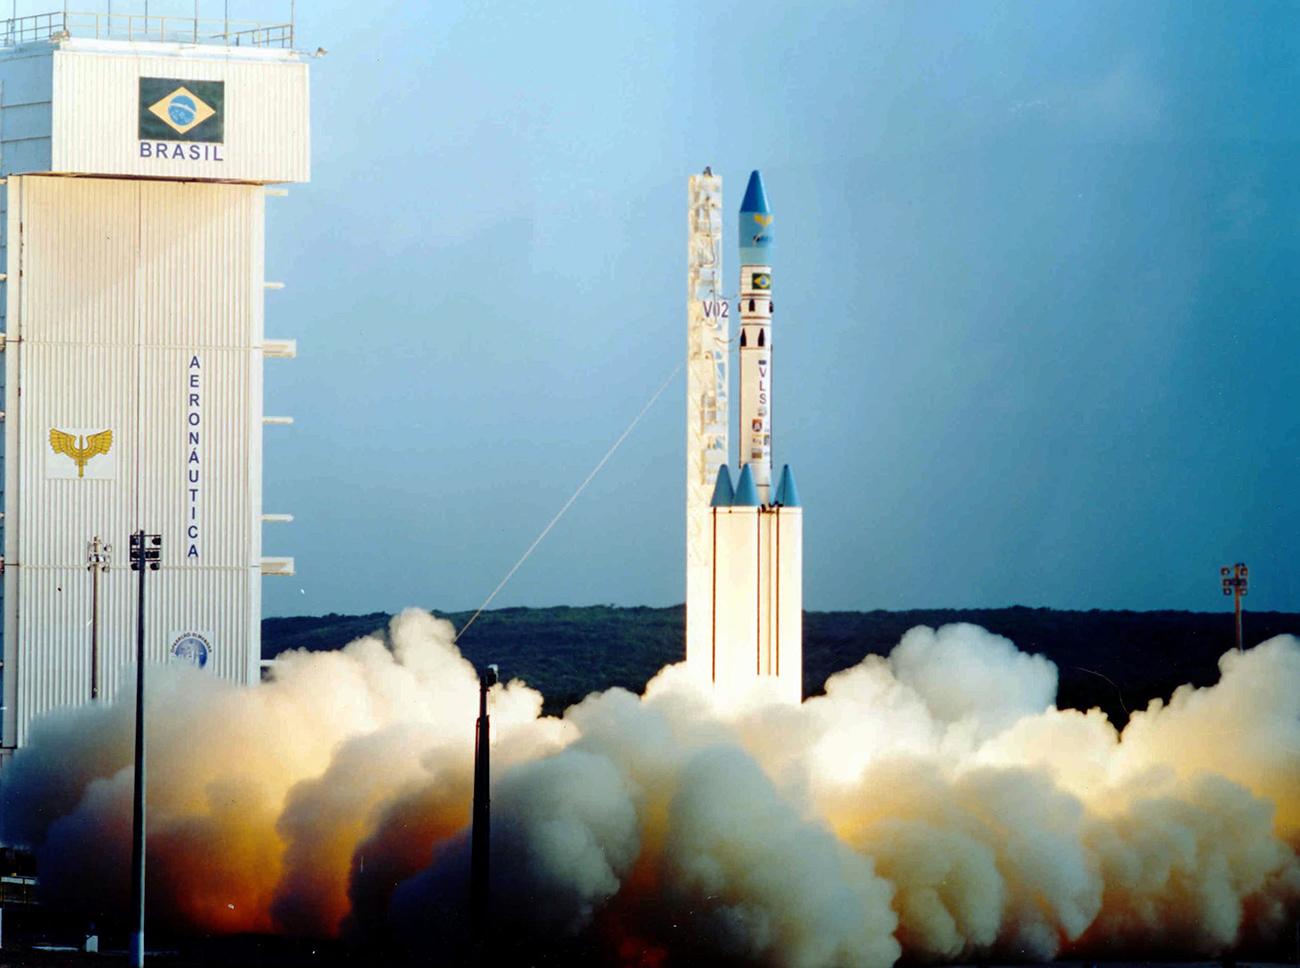 Rússia não decola no mercado brasileiro de exploração espacial width=